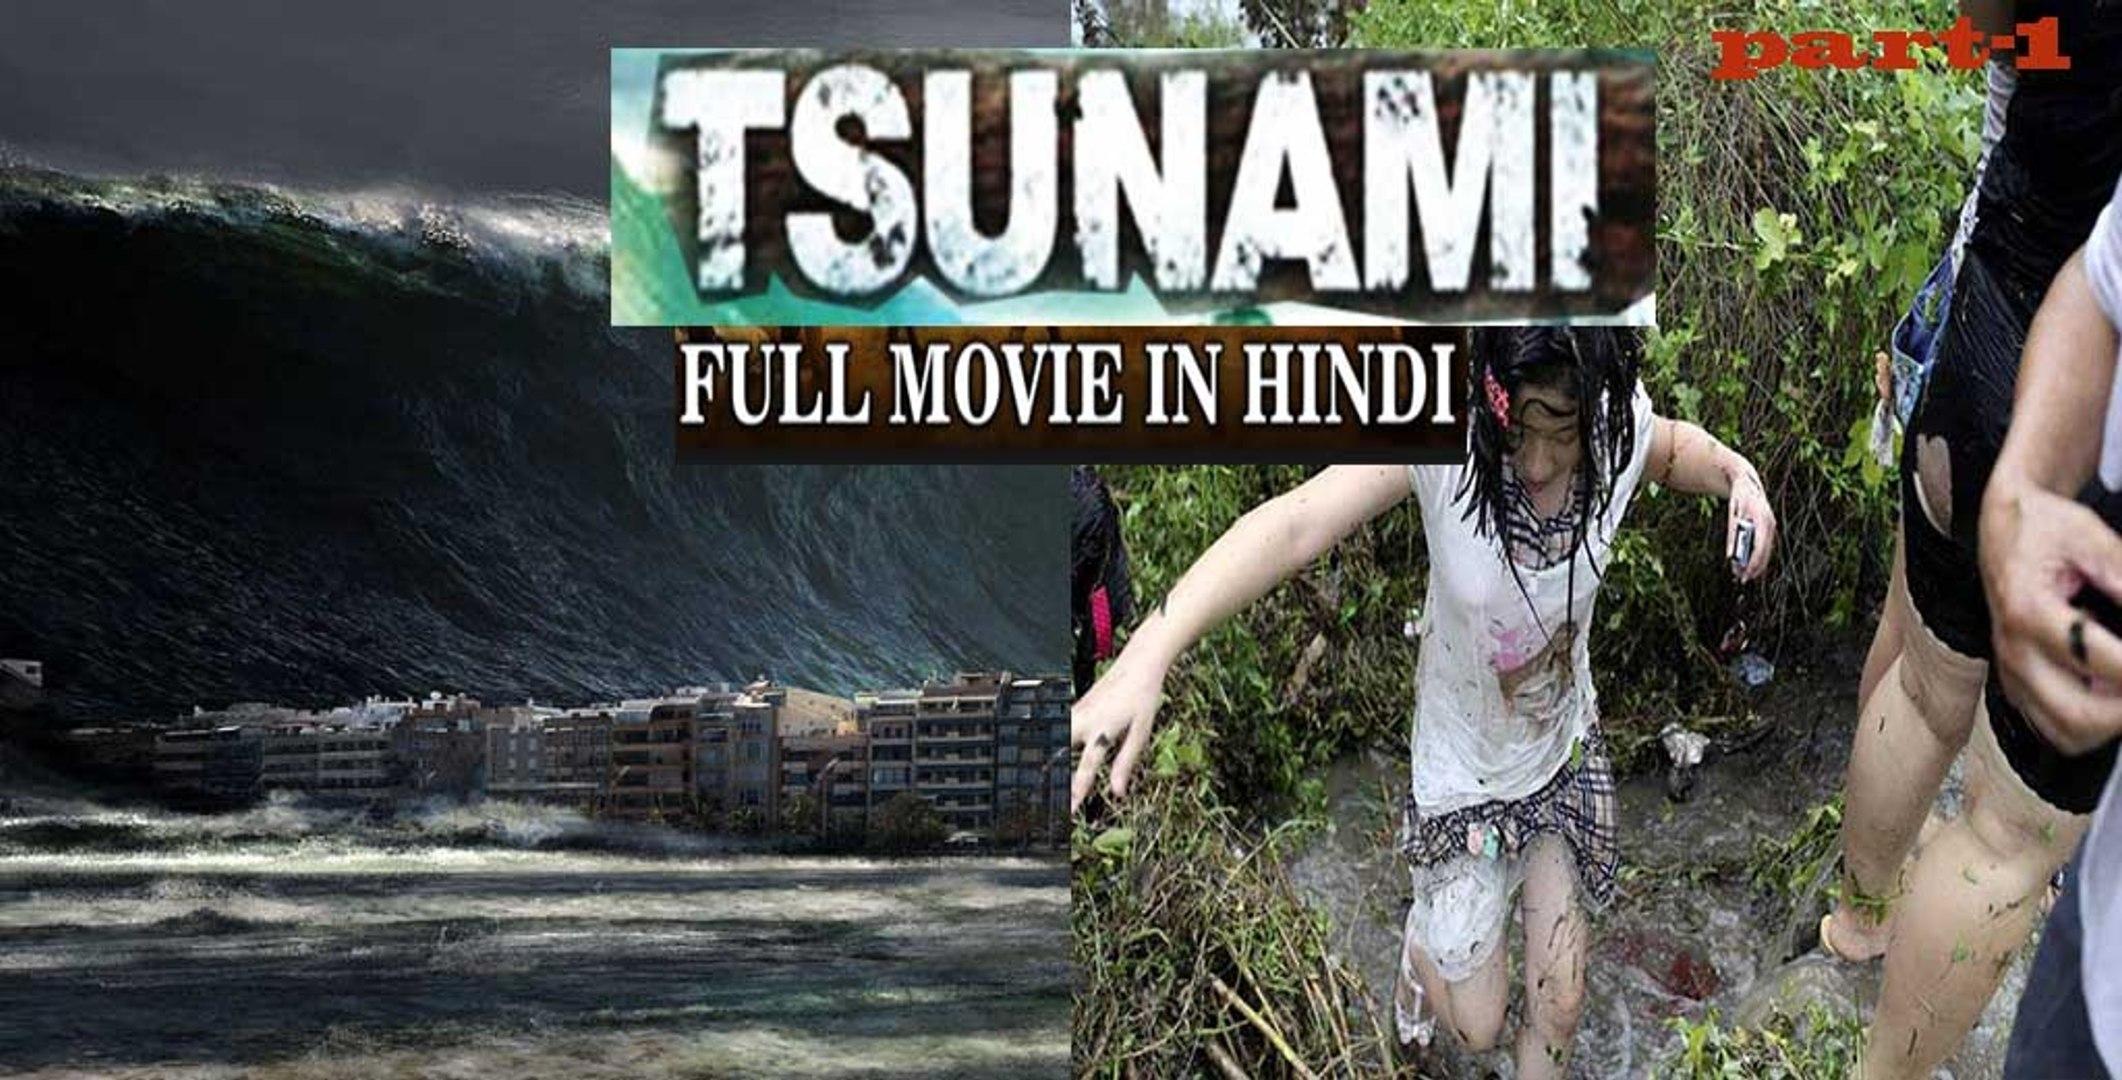 Tsunami 2017 Hindi Dubbed Movie Part-1 | Chinese action movies In Hindi